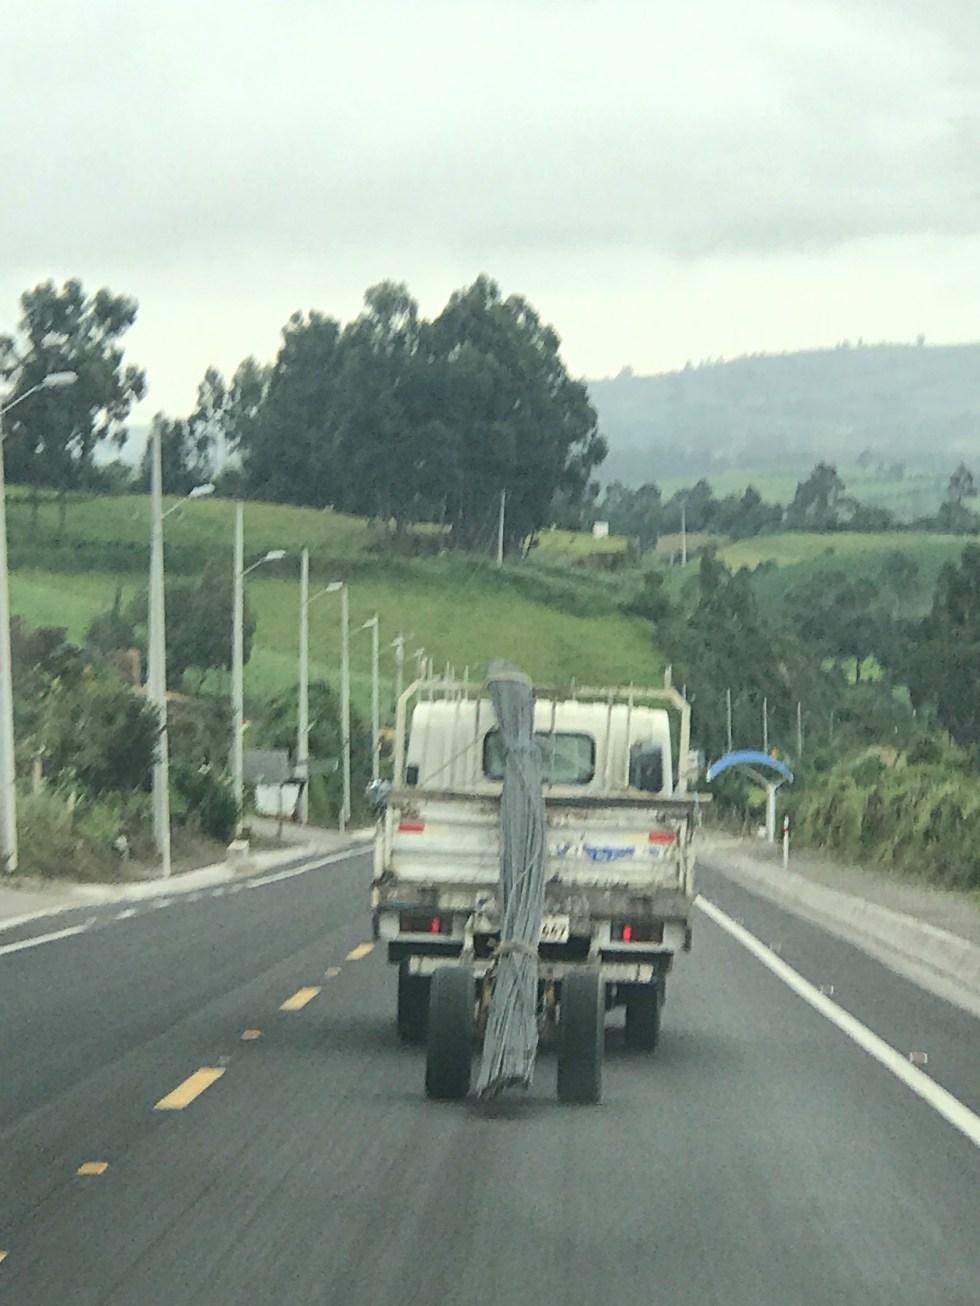 highway dragging rebar.jpg